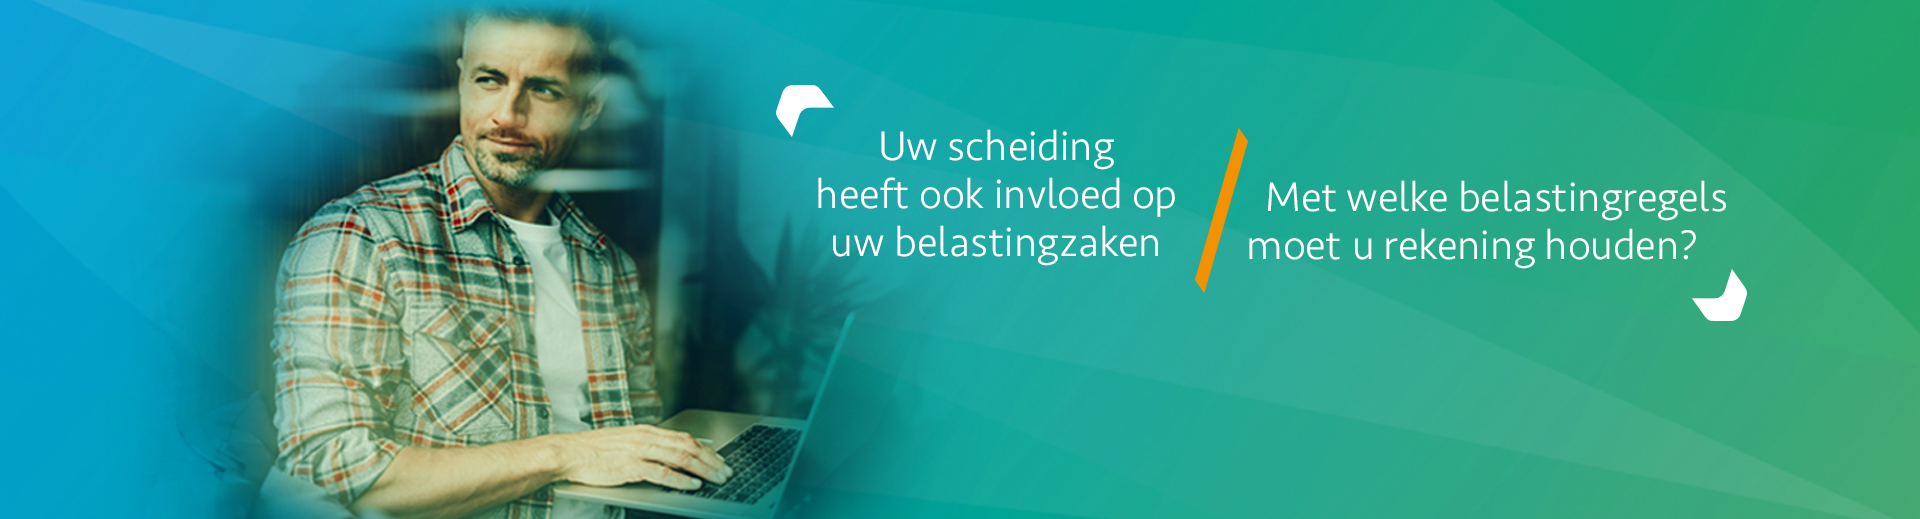 Belastingdienst en echtscheiding - Scheidingsplanner Hoofddorp - Badhoevedorp - Nieuw Vennep